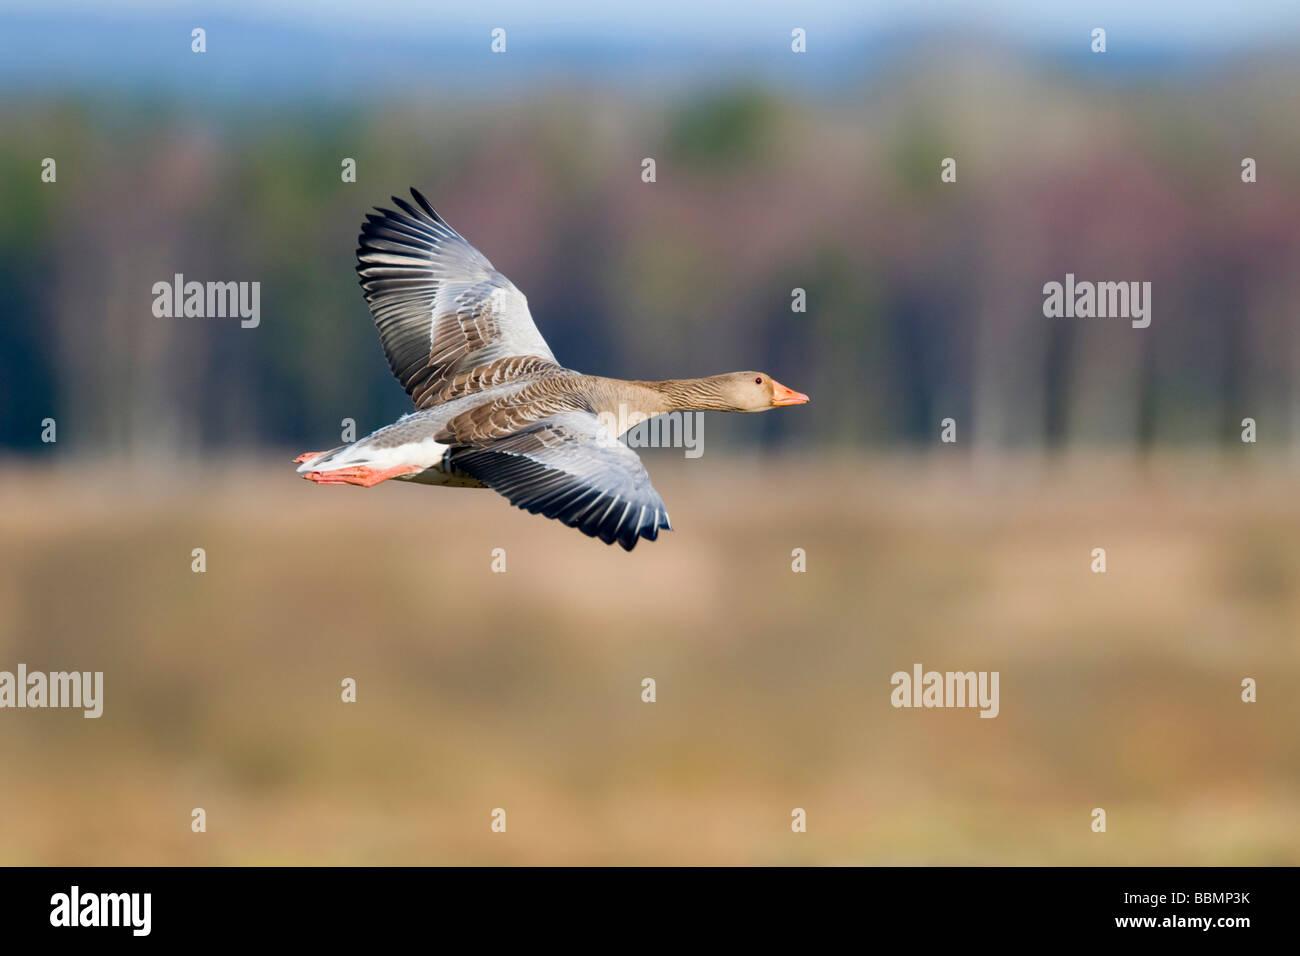 Greylag Goose (Anser anser) flying in the countryside, Lake Hornborga, Vaestergoetland, Sweden, Scandinavia, Europe Stock Photo